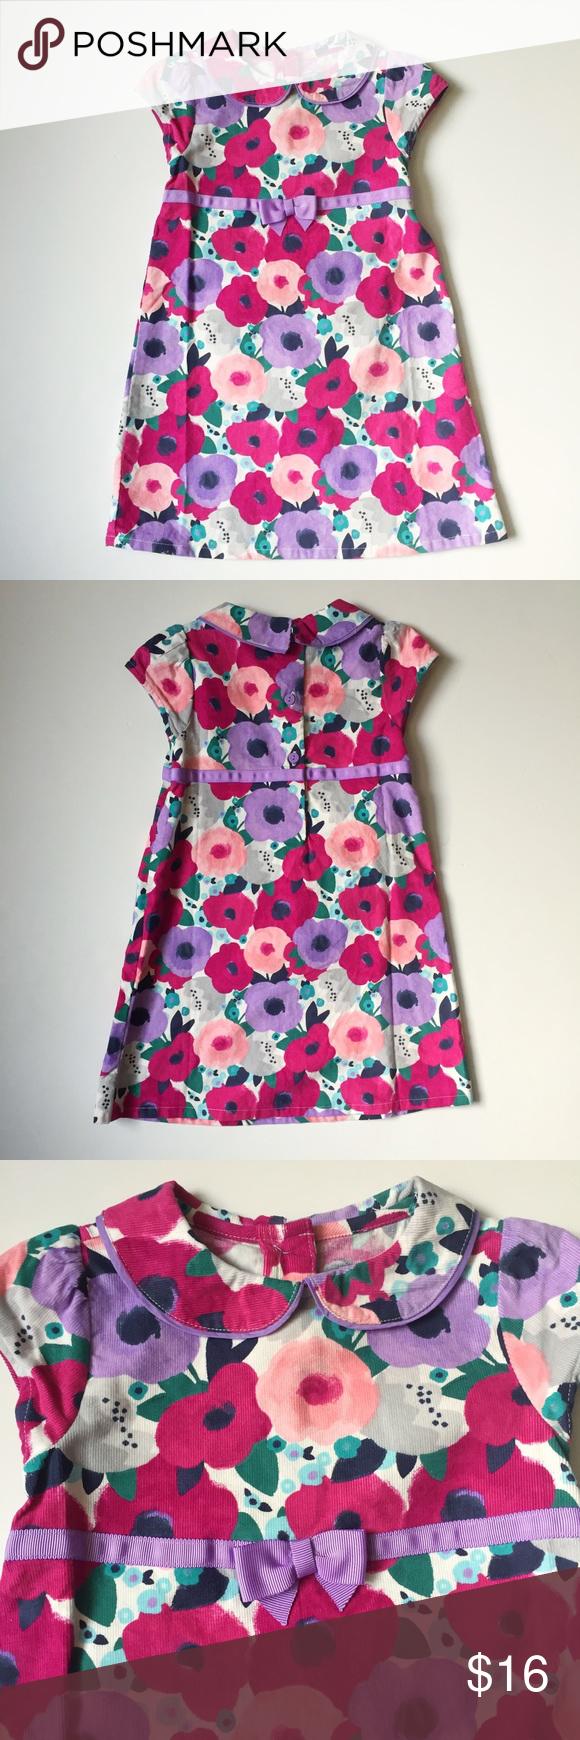 NWT Gymboree Pink & Lavender floral Corduroy Dress 100% cotton.  Includes lavender bloomers Gymboree Dresses